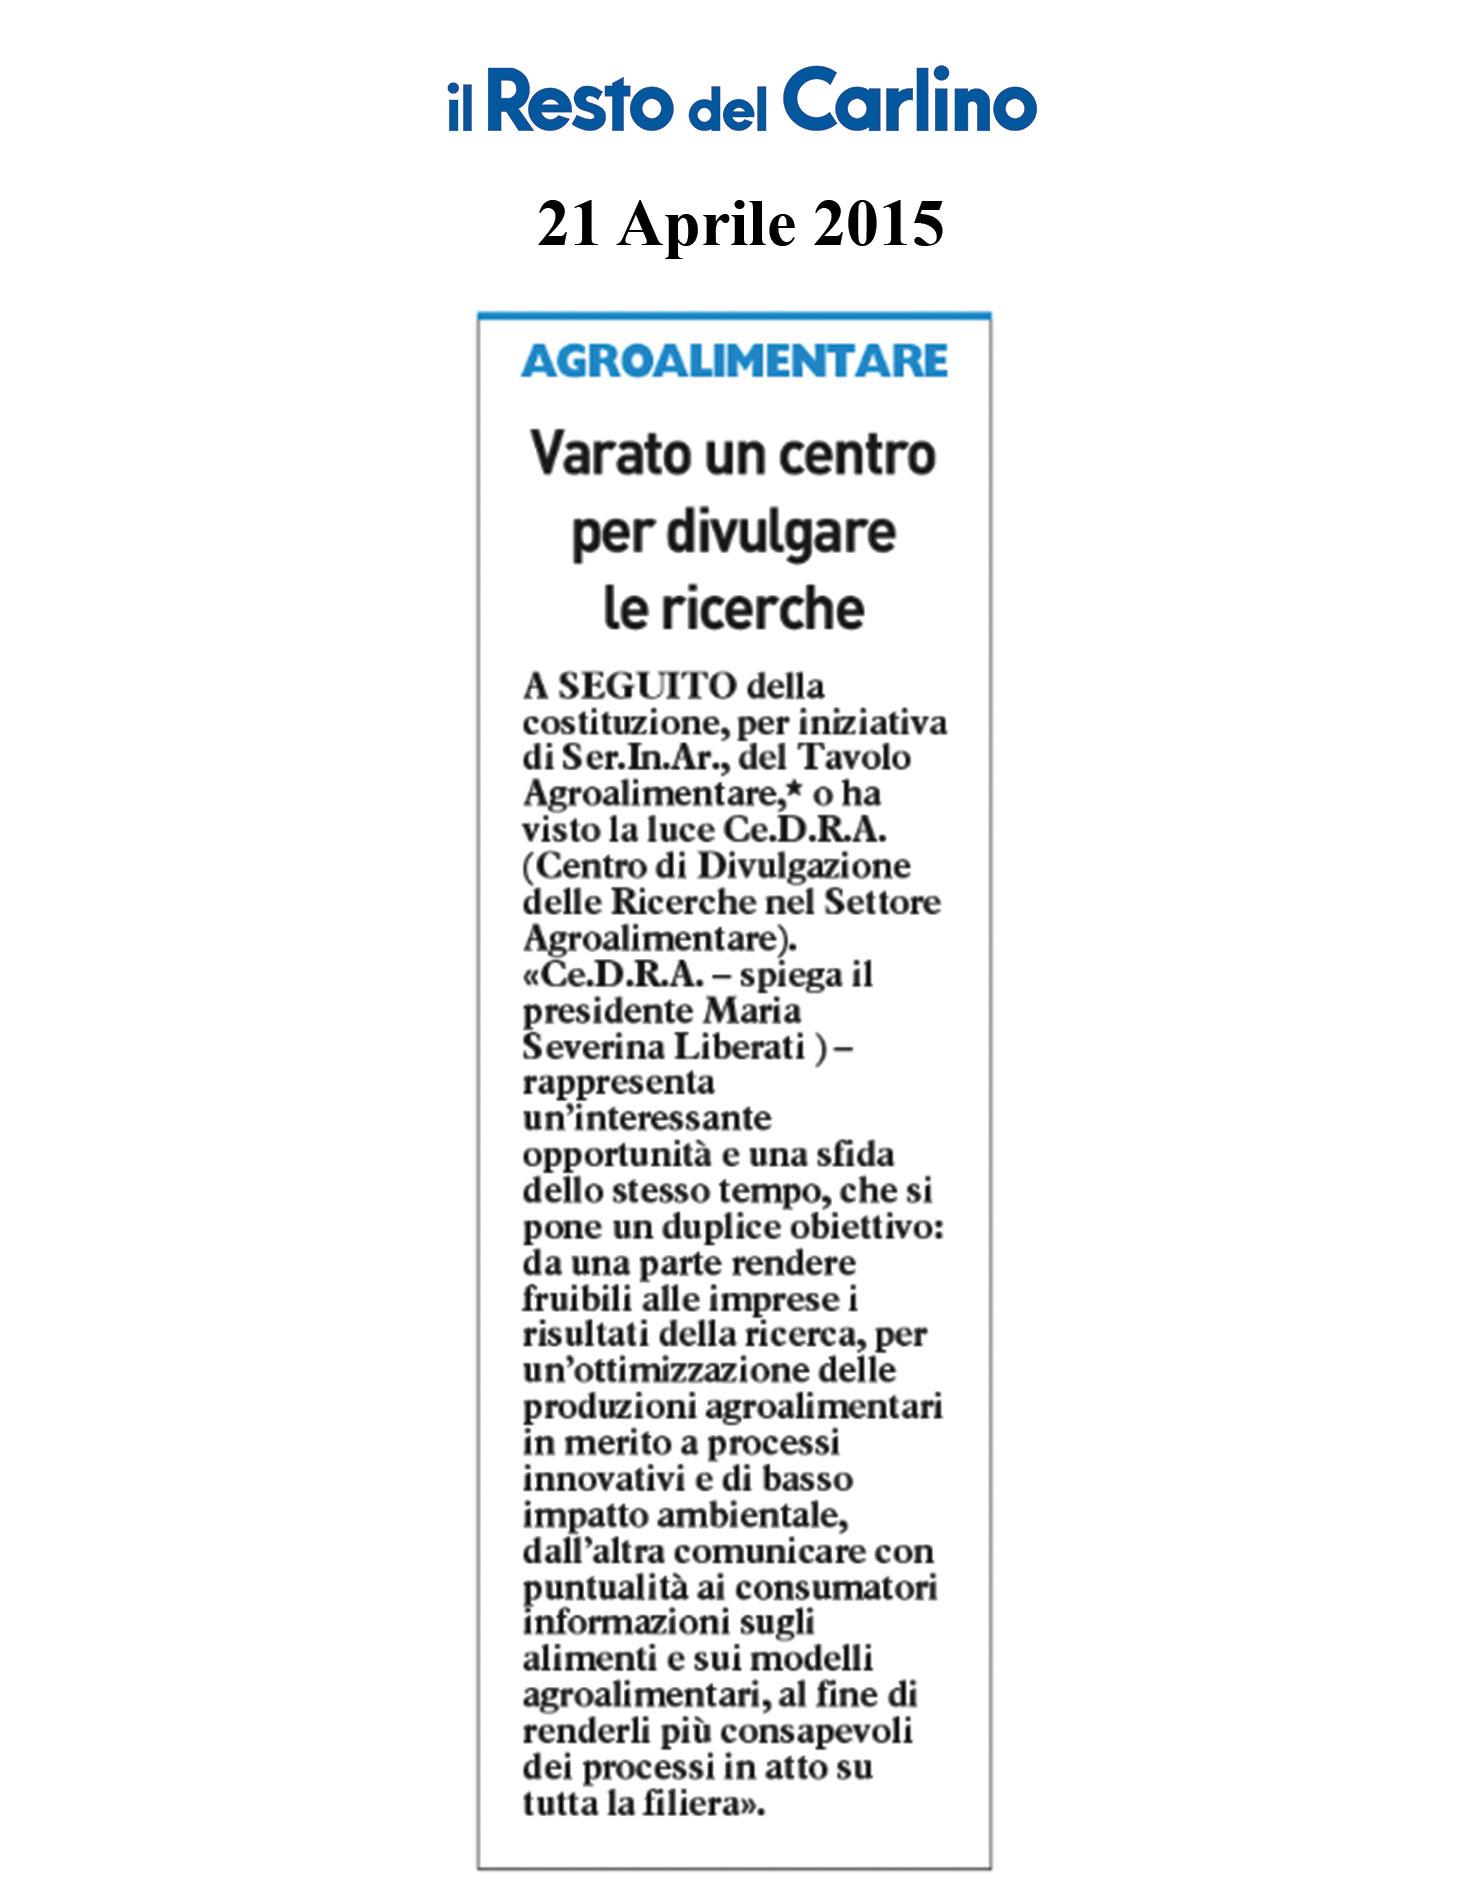 resto_del_carlino_21-4-15